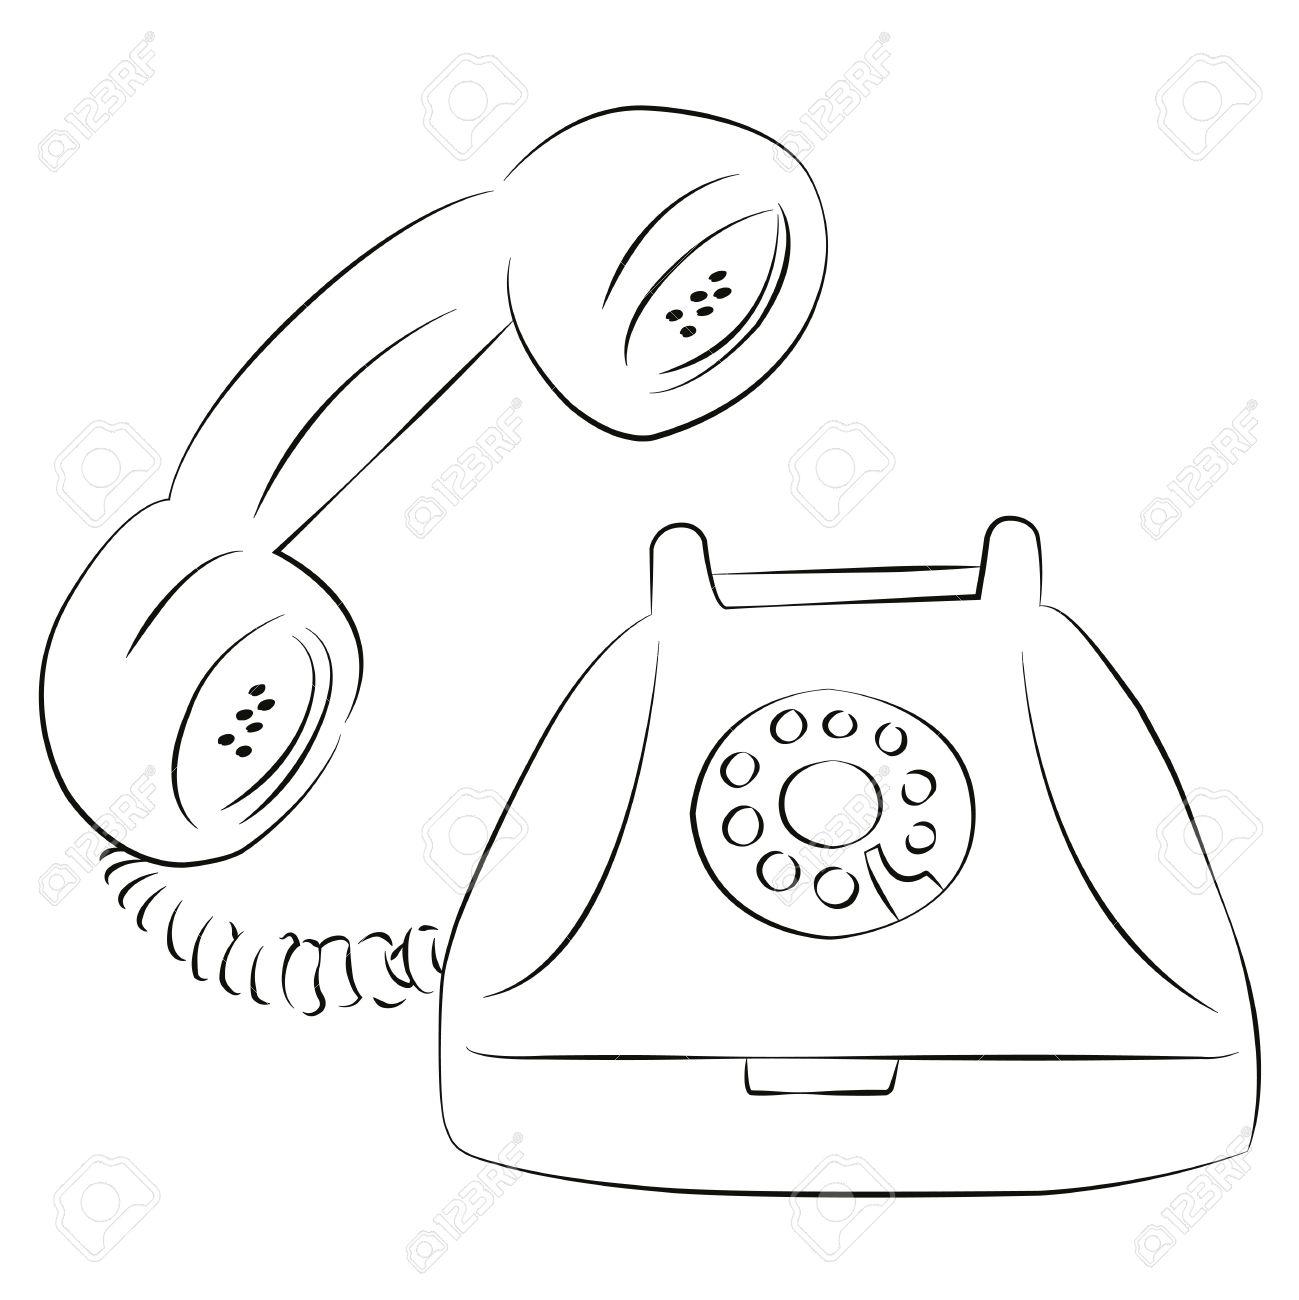 Excepcional Teléfono Para Colorear Colección de Imágenes - Enmarcado ...